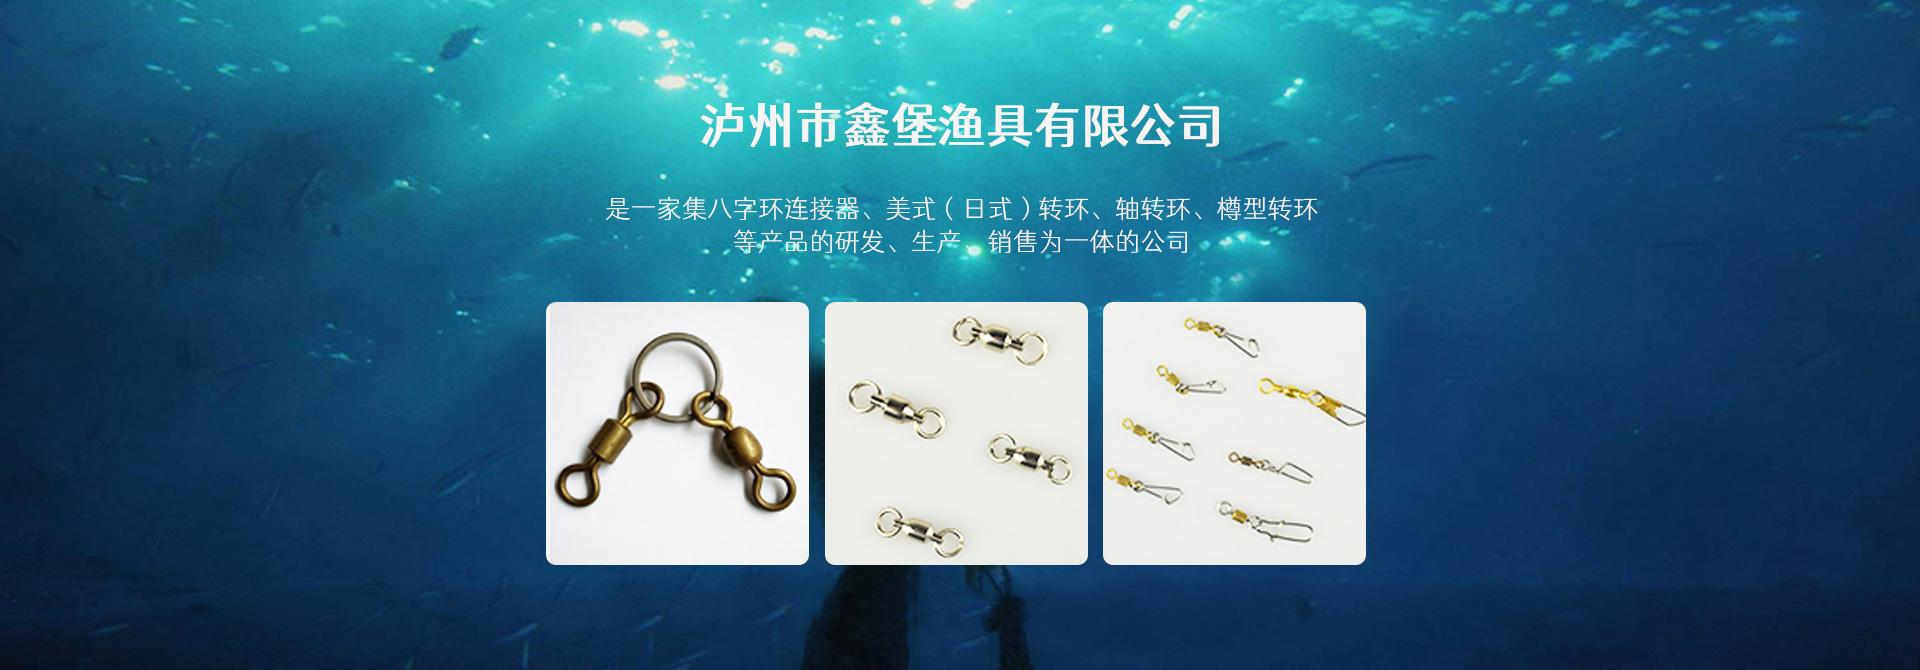 樽型轉環,美式日式轉環